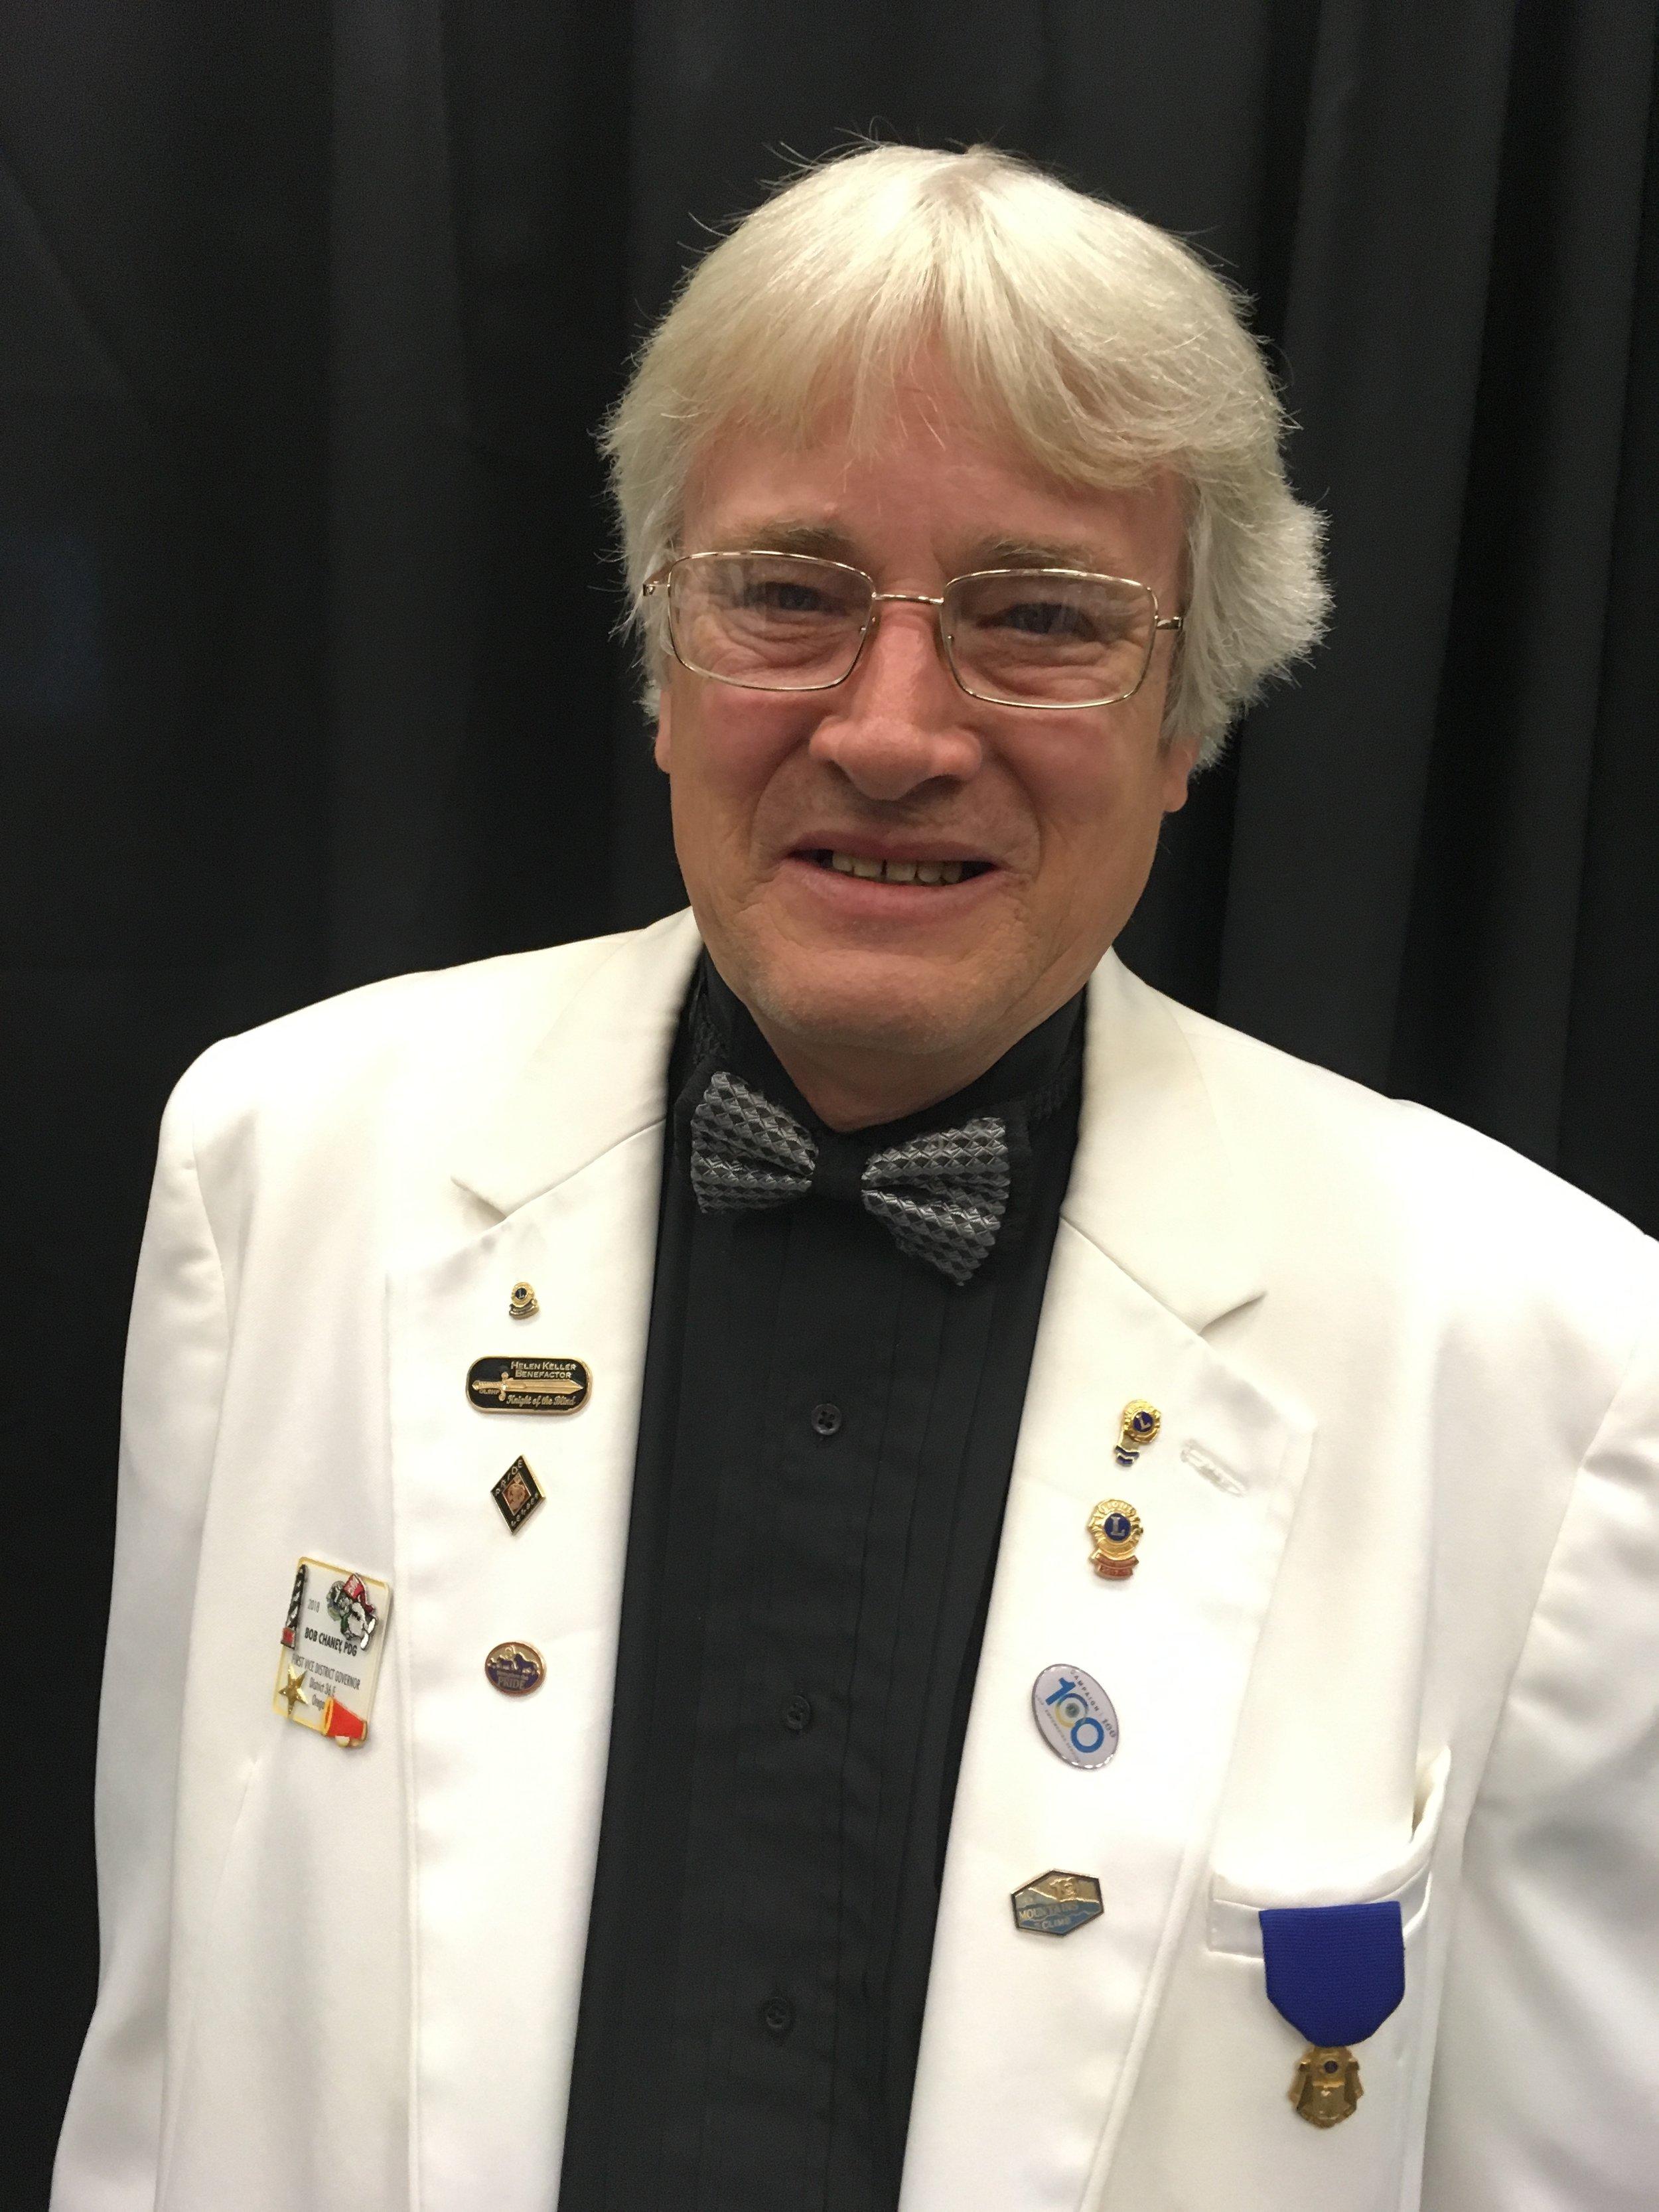 D-E Bob Chaney in whites.JPG